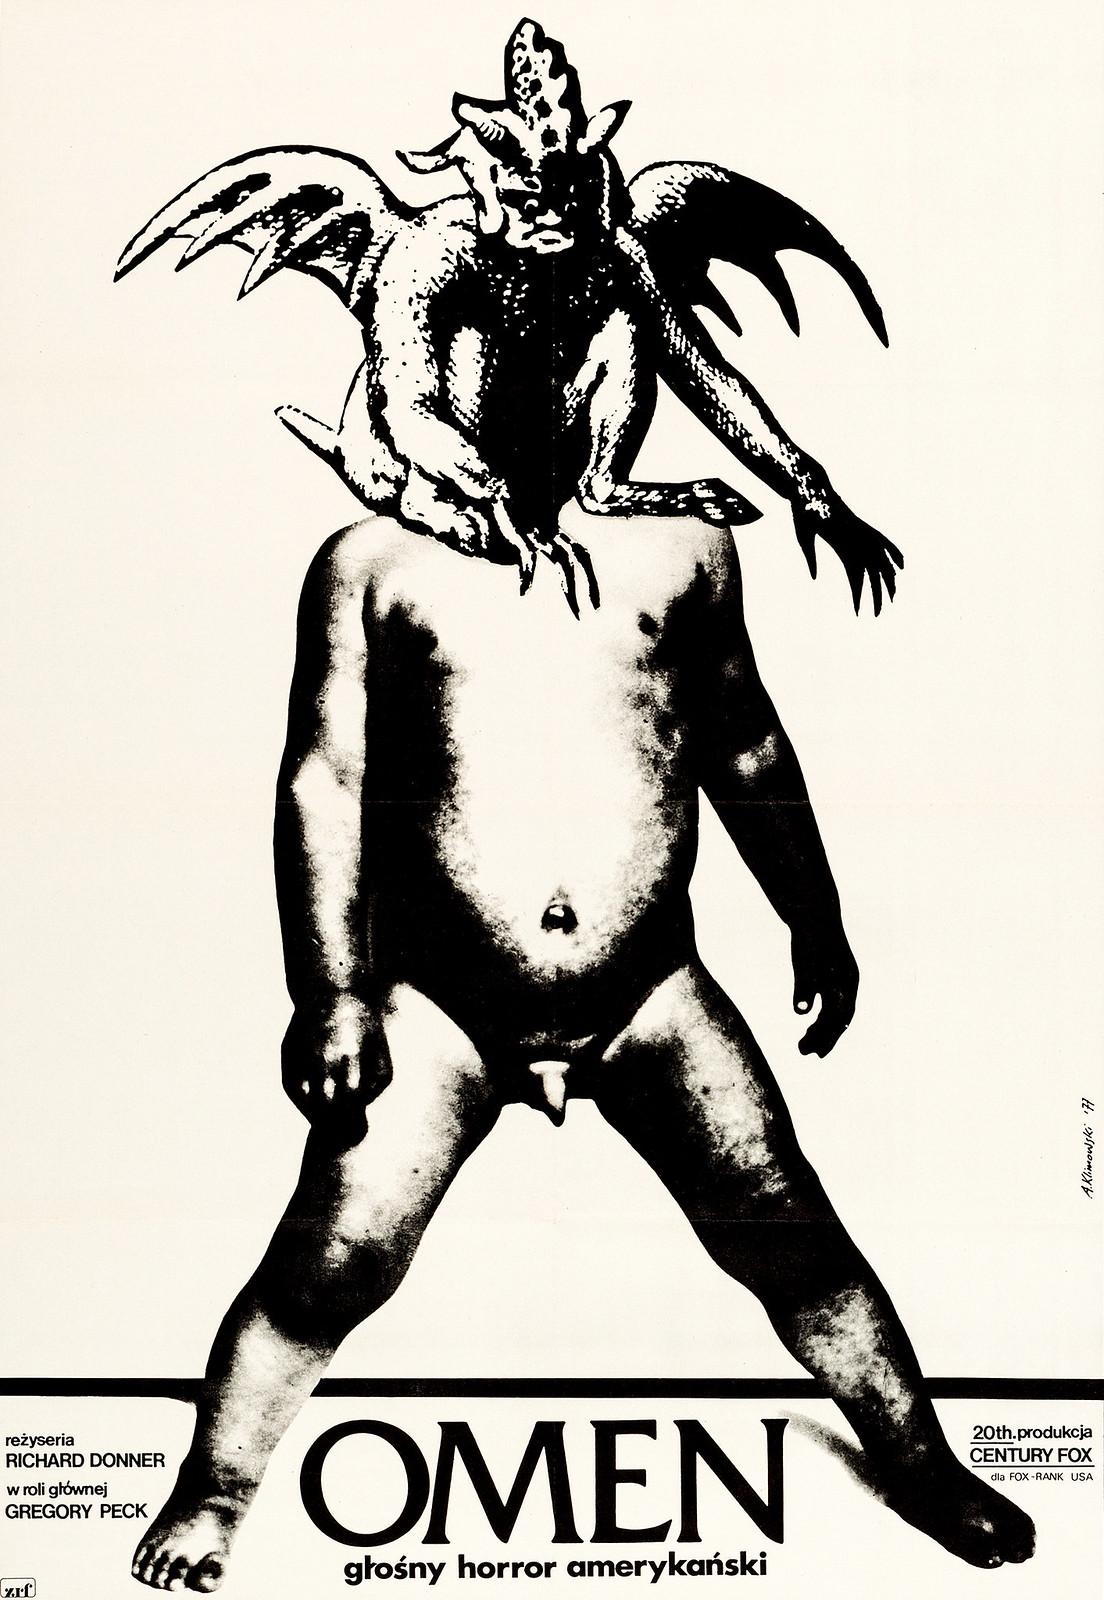 Andrzej Klimowski - The Omen, 1977